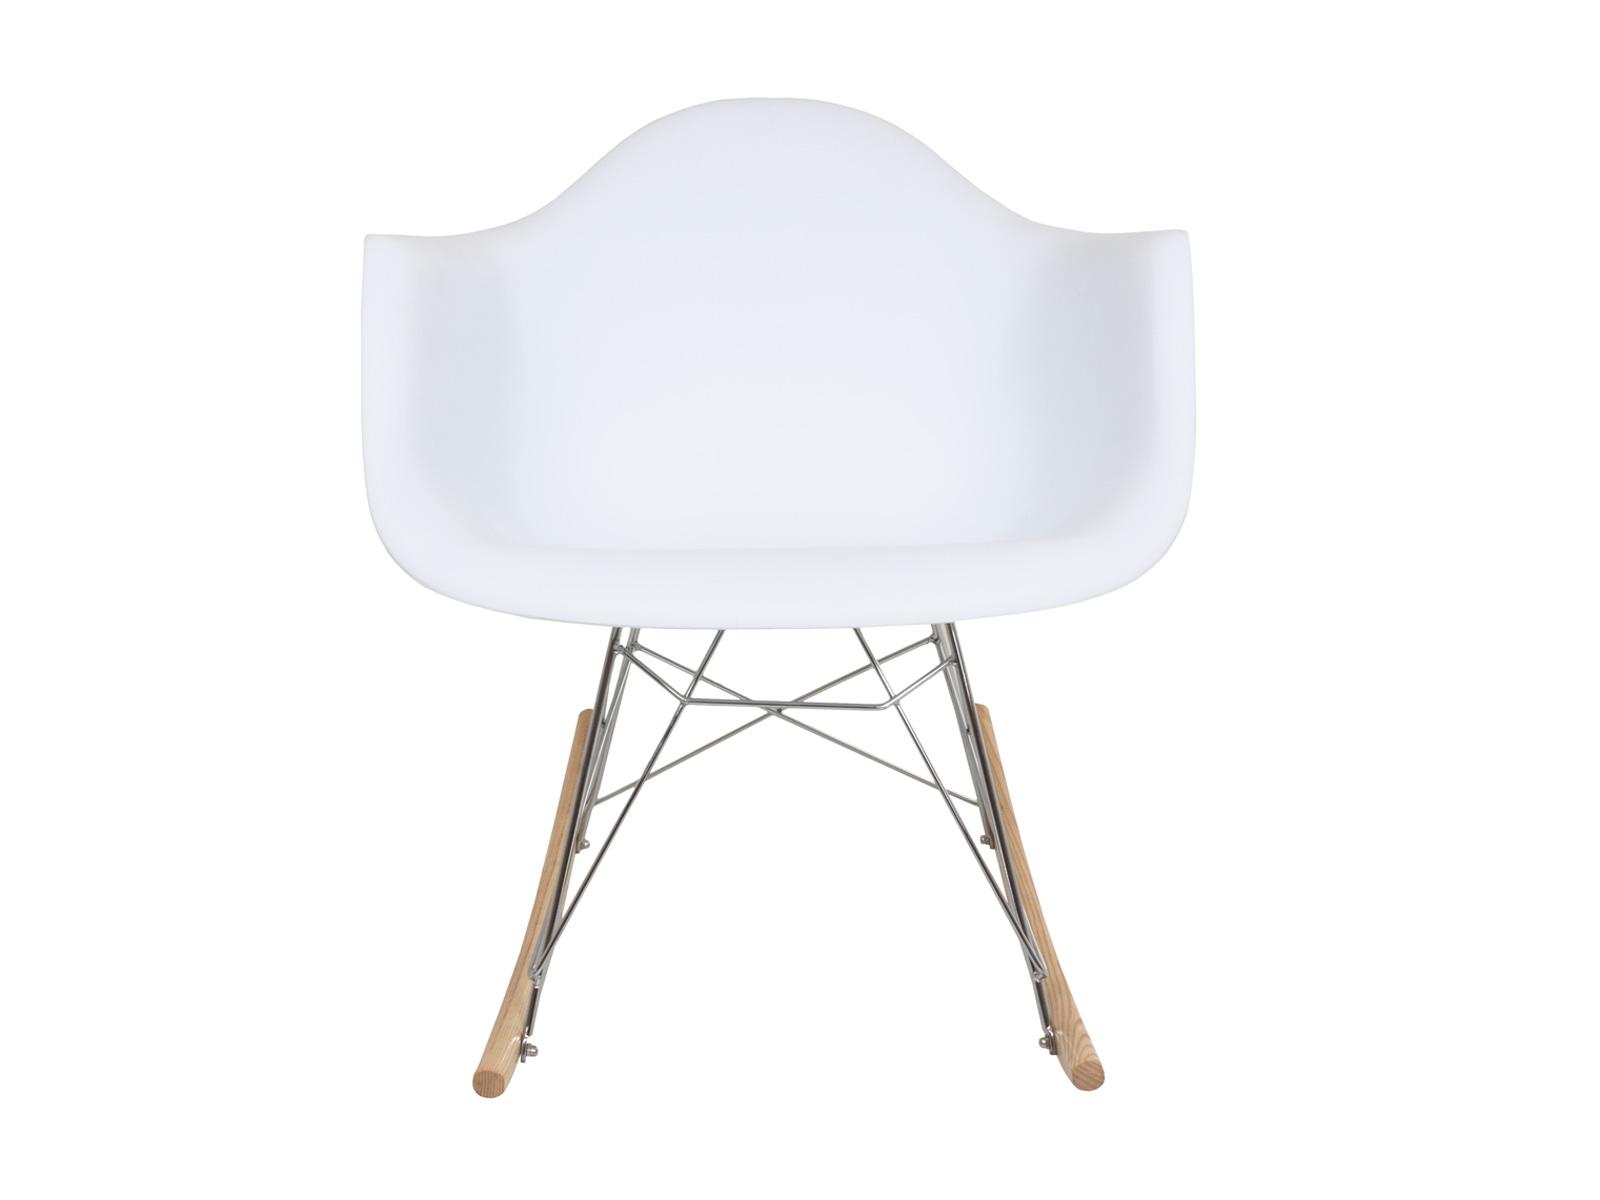 Кресло-качалка SpacerКресла-качалки<br>Пластиковое кресло-качалка c подлокотниками на металлических ножках с деревянными дугообразными основаниями.<br><br>Material: Пластик<br>Width см: 69<br>Depth см: 69<br>Height см: 68